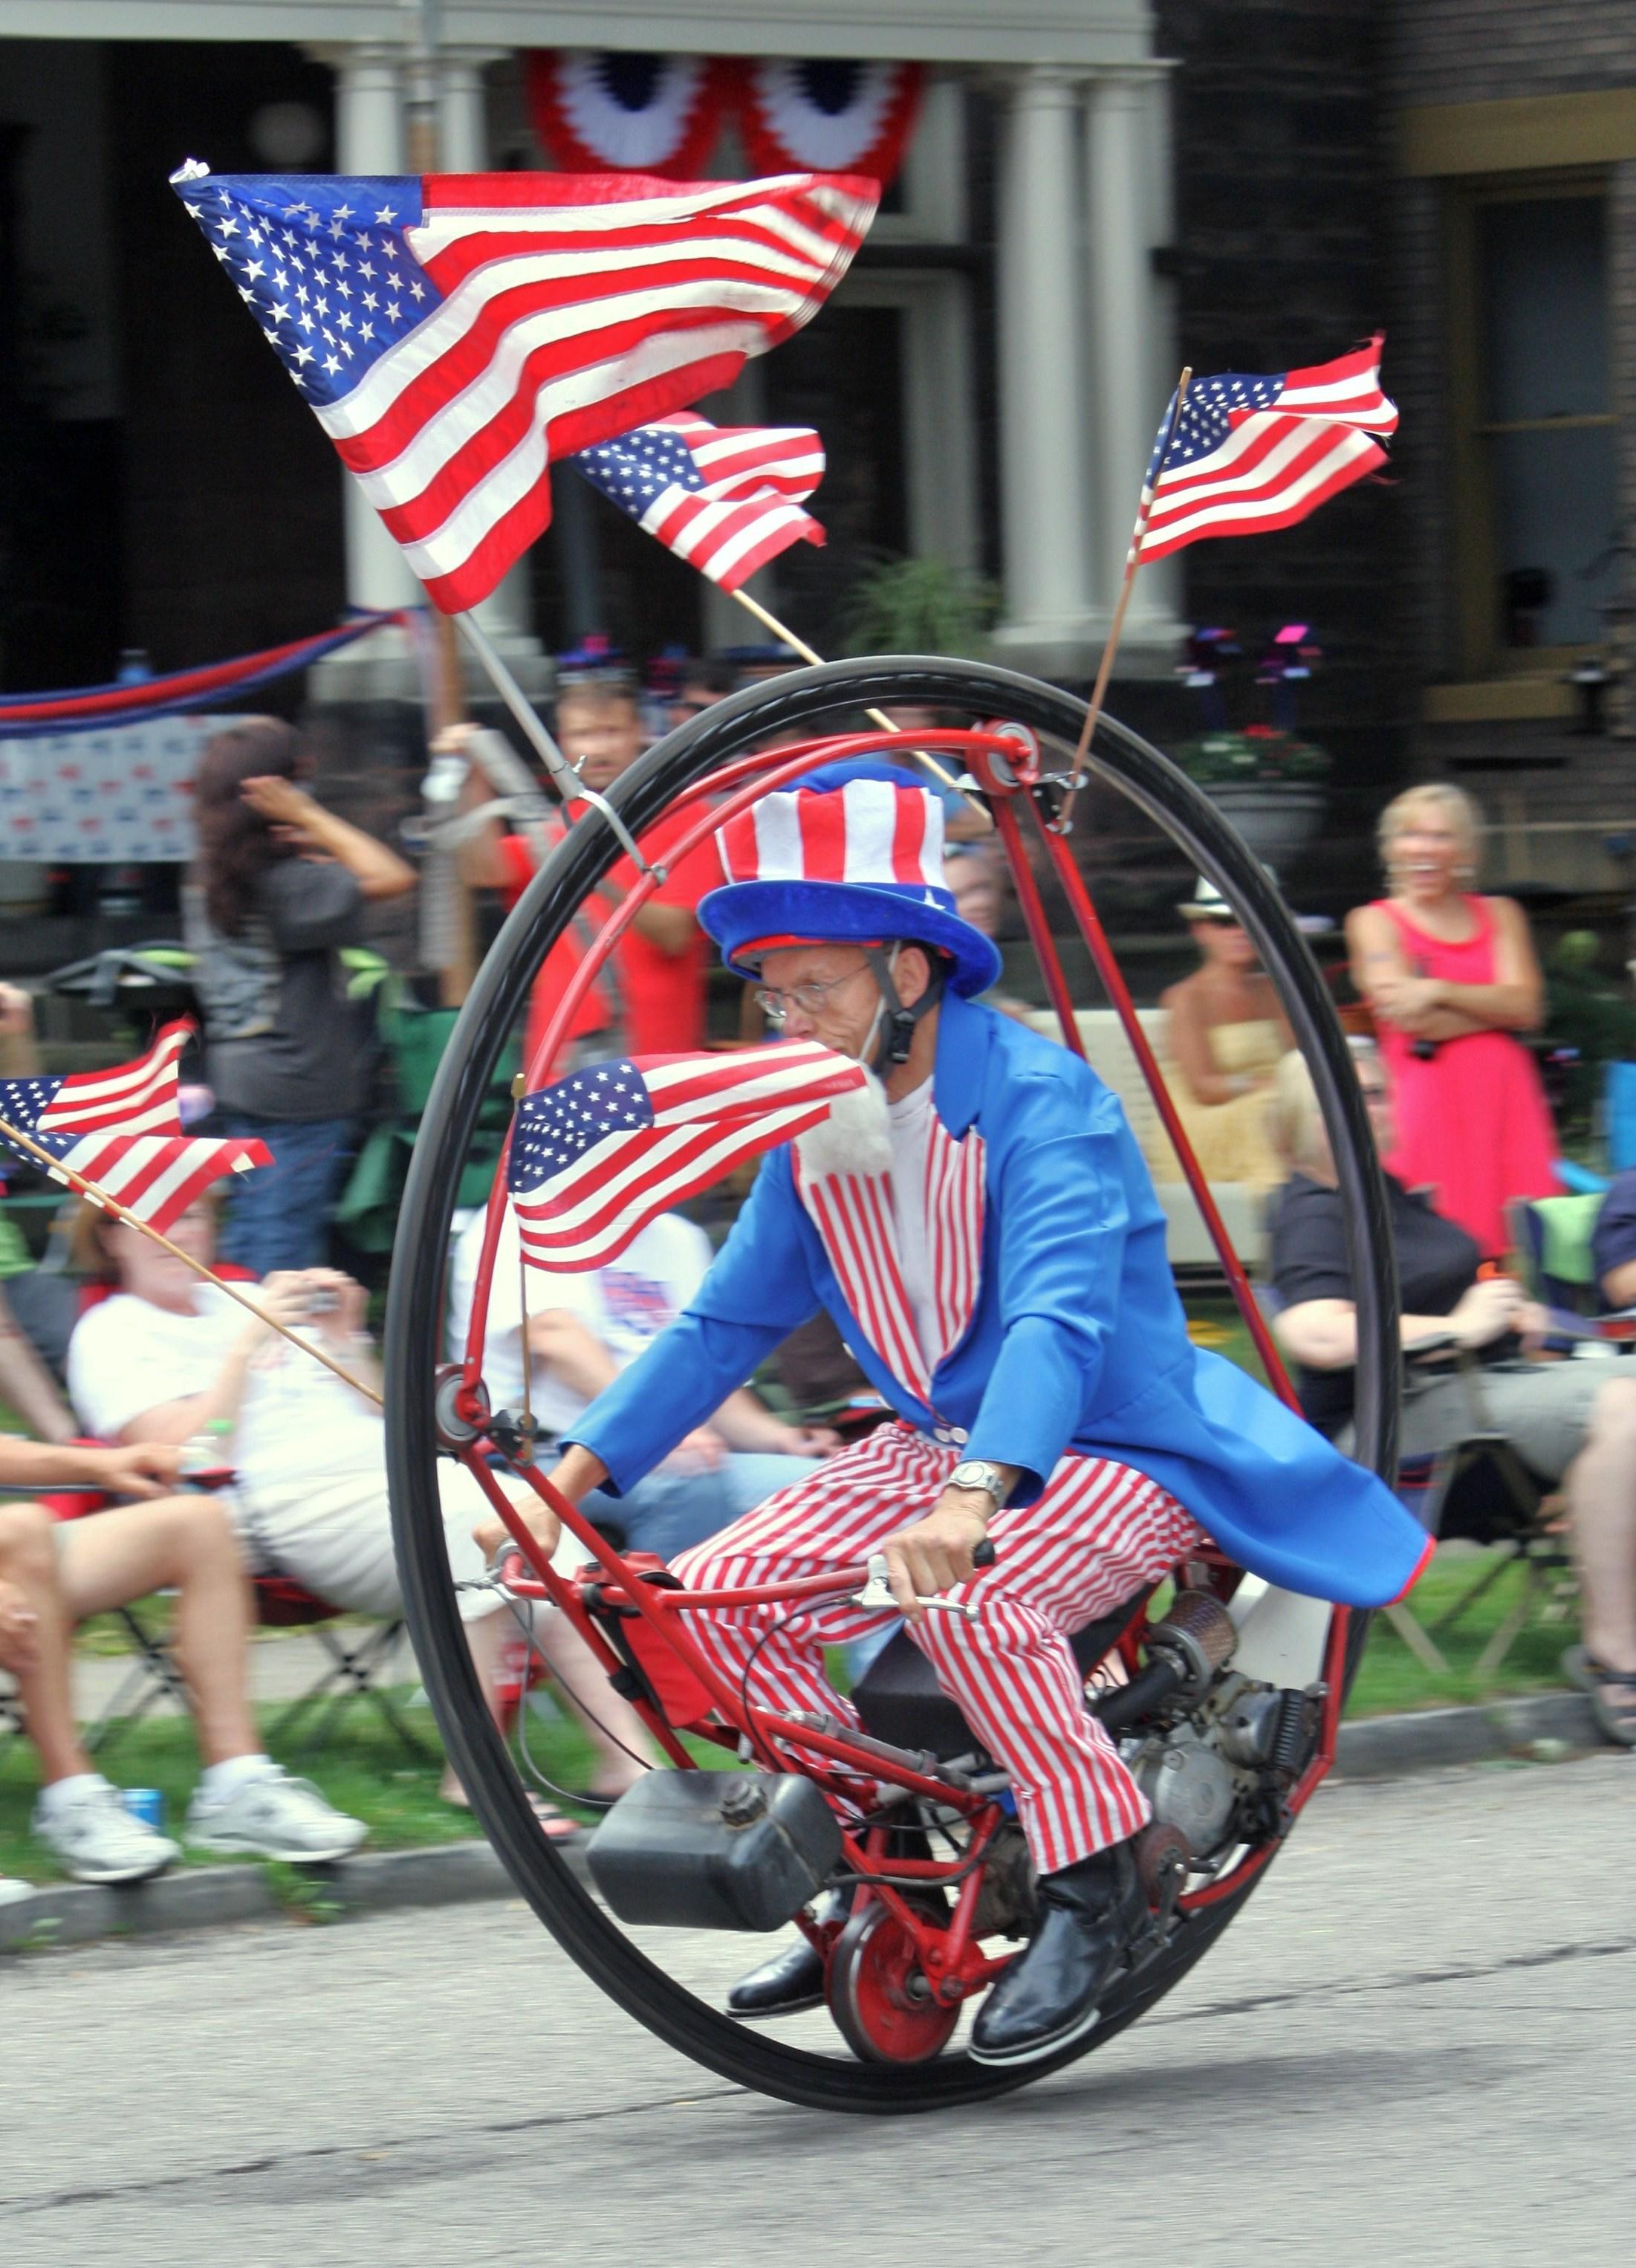 Monowheel - Wikipedia